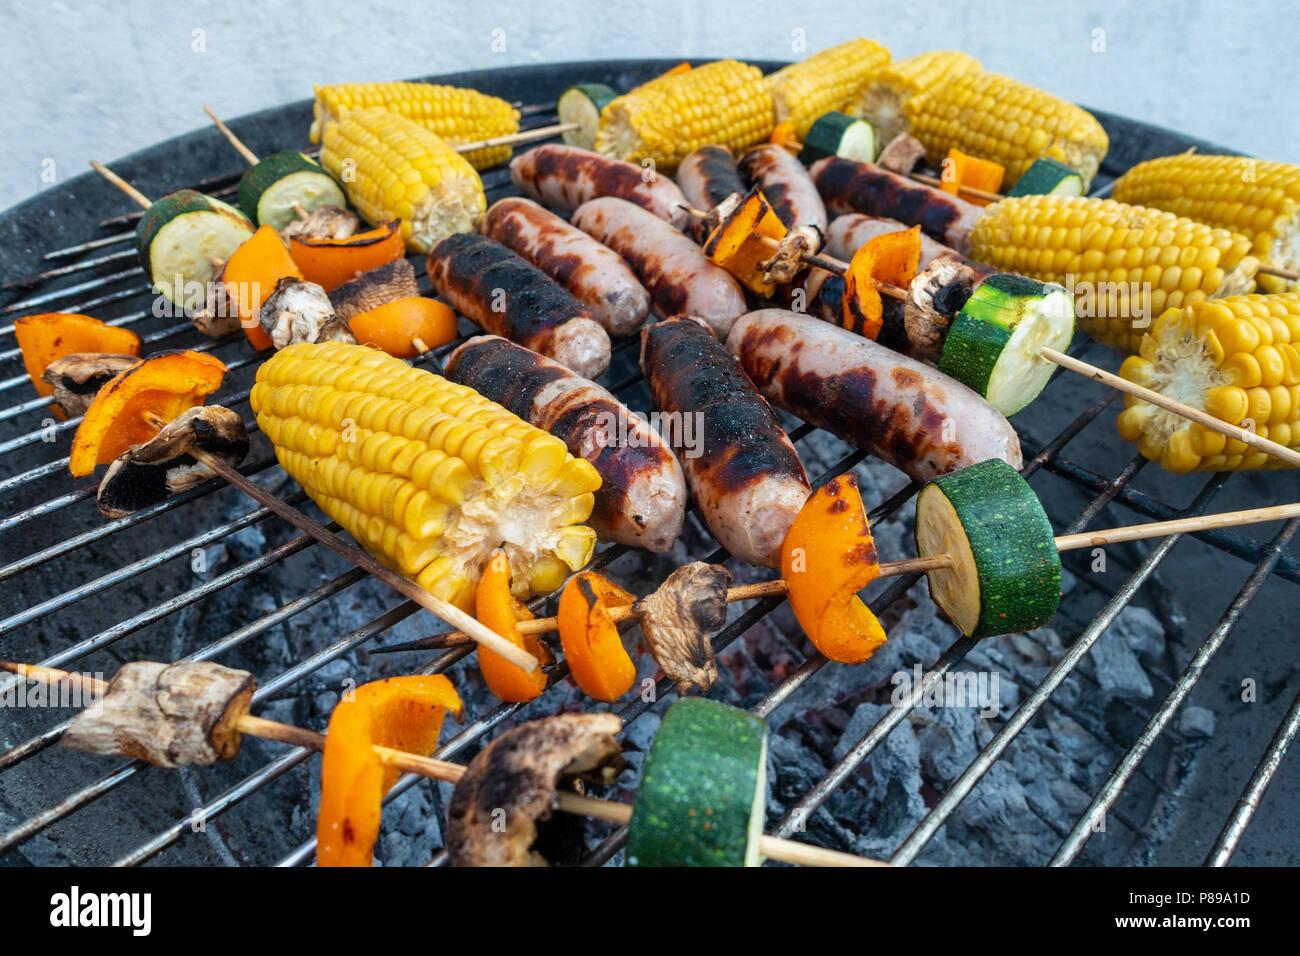 Los embutidos, la mazorca de maíz y hortalizas kebabs de setas, pimiento y calabacín cocinar fuera en una barbacoa. Imagen De Stock